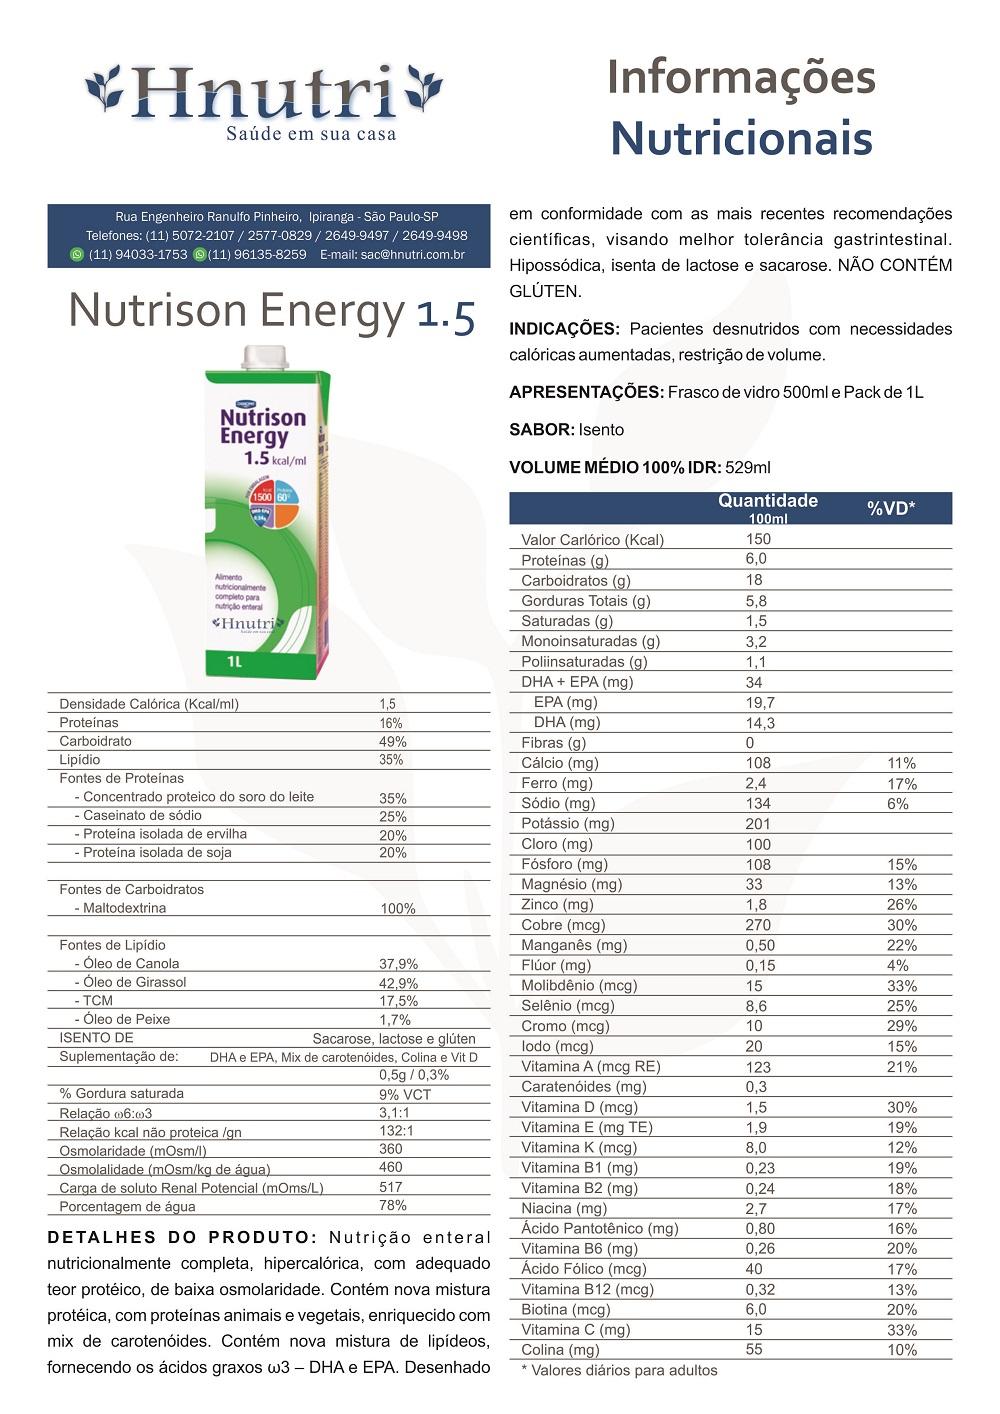 Nutrison Energy 1.5